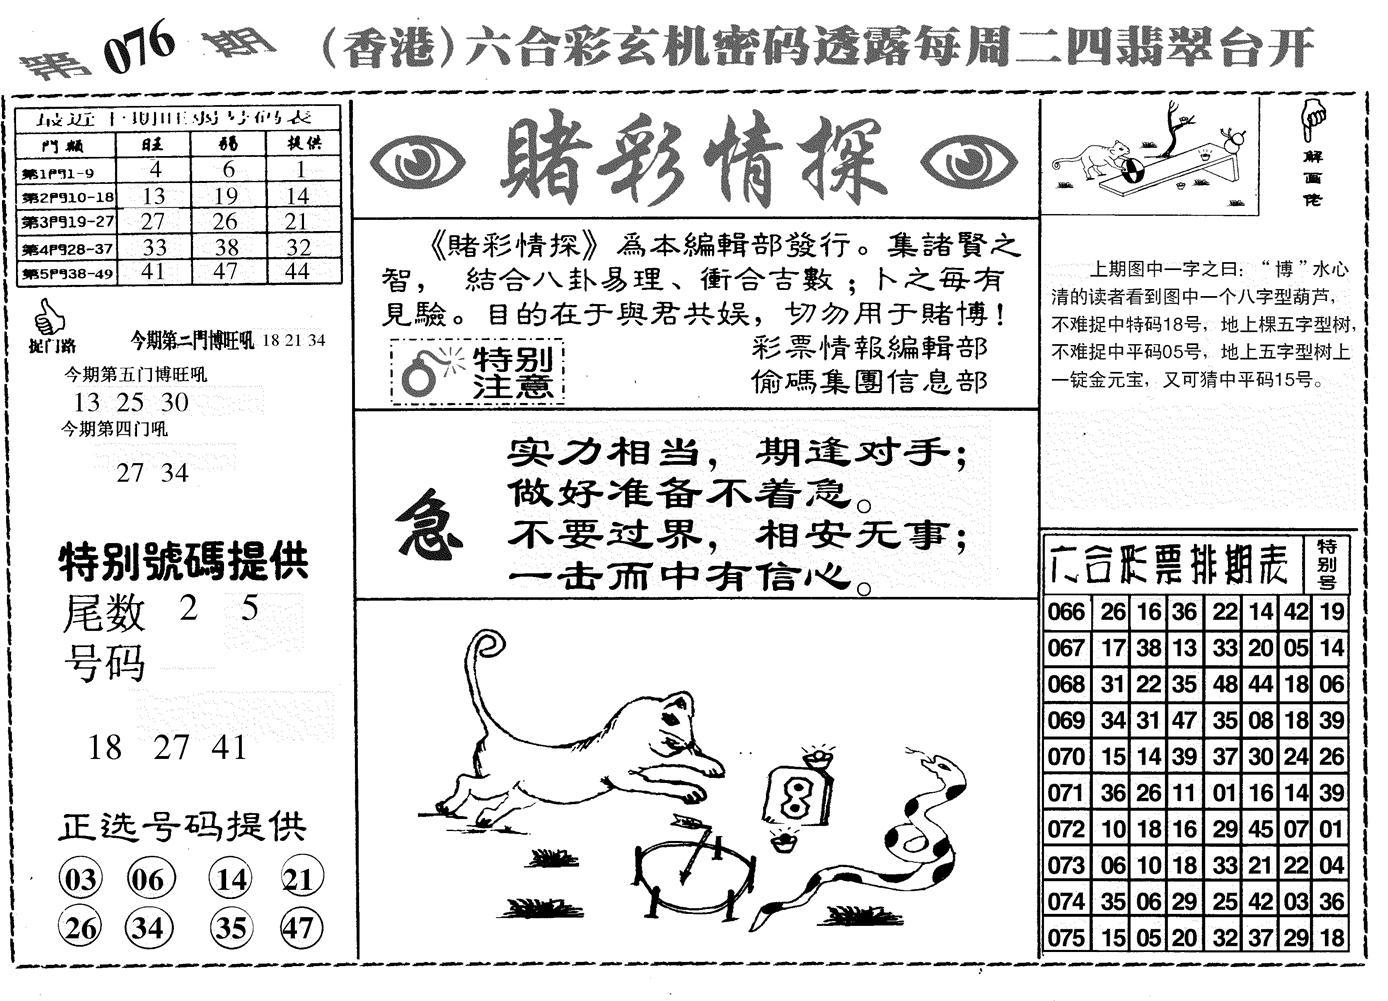 076期堵彩情探(黑白)